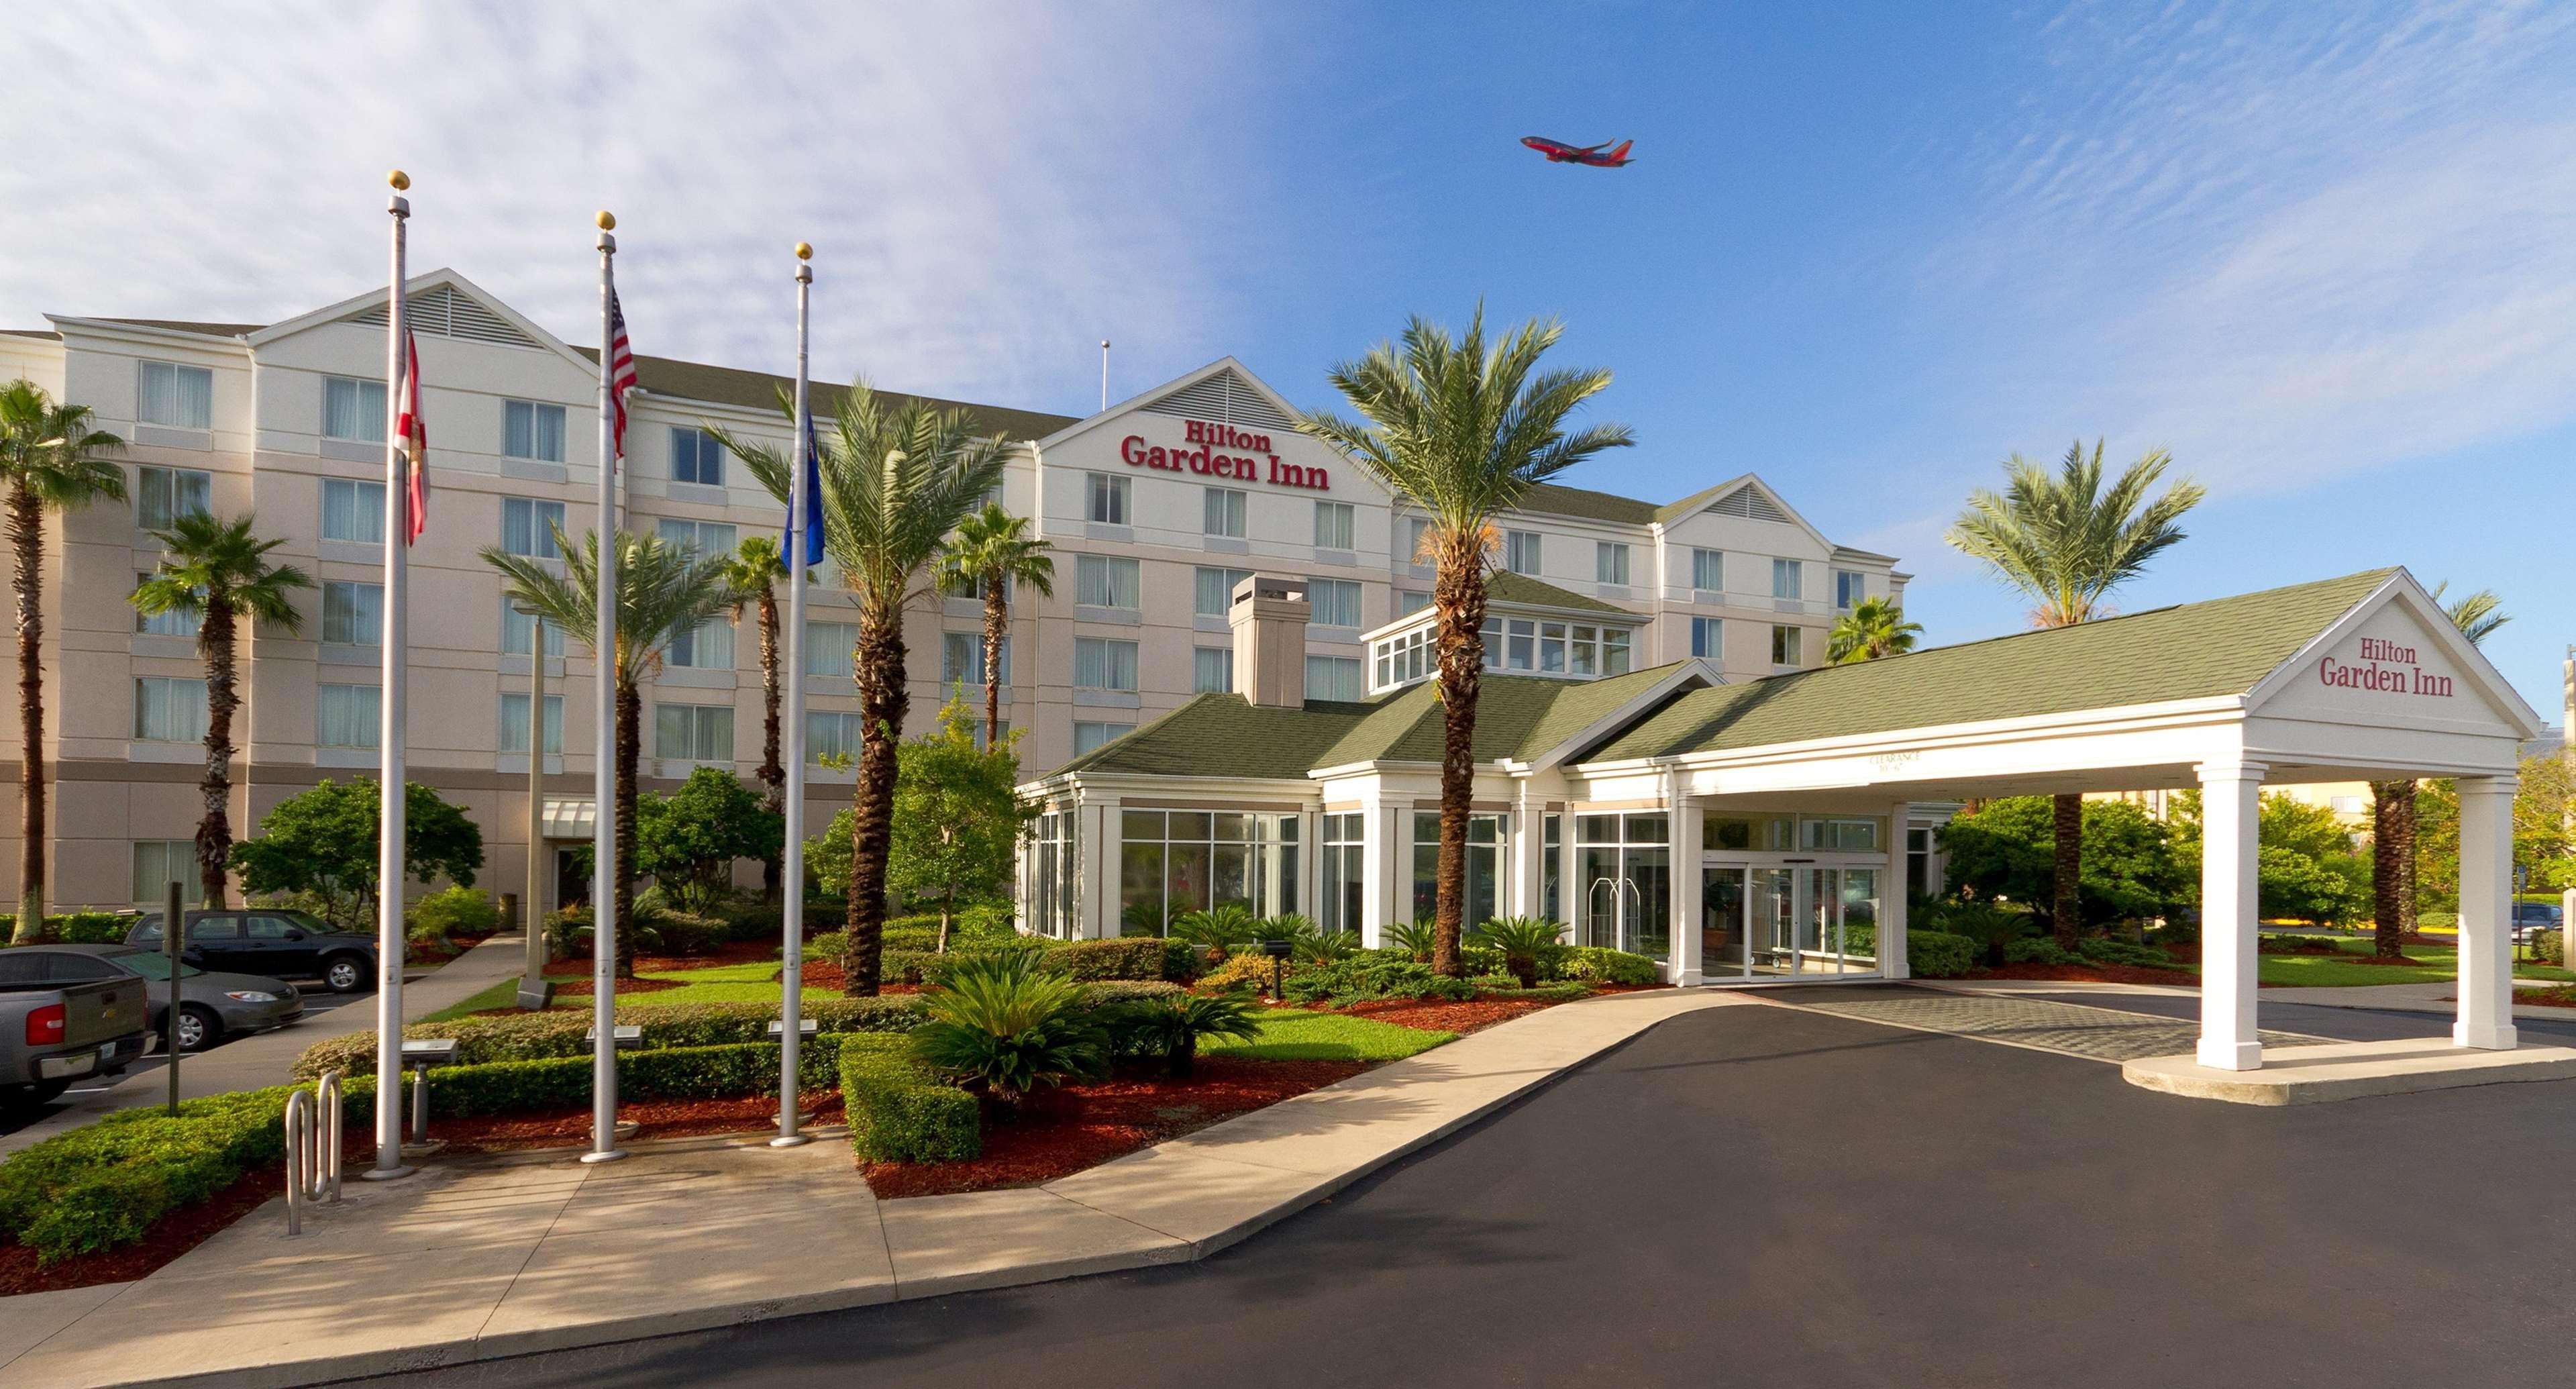 Hilton Garden Inn Jacksonville Airport image 1